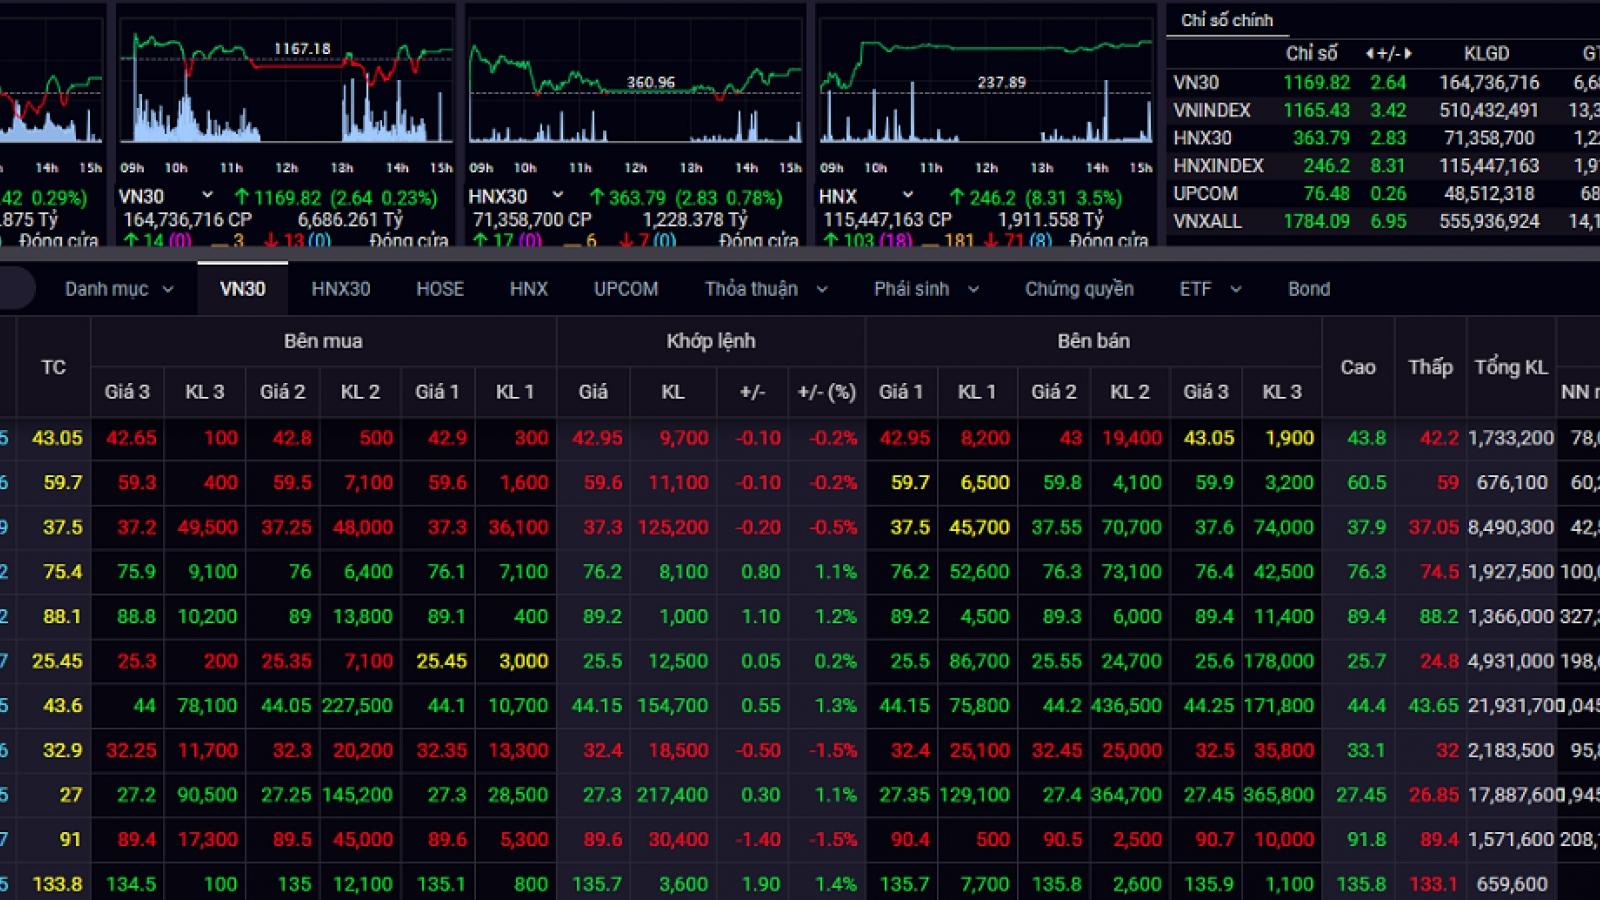 Kỳ vọng thị trường bứt phá khỏi ngưỡng 1.200 điểm trong thời gian tới